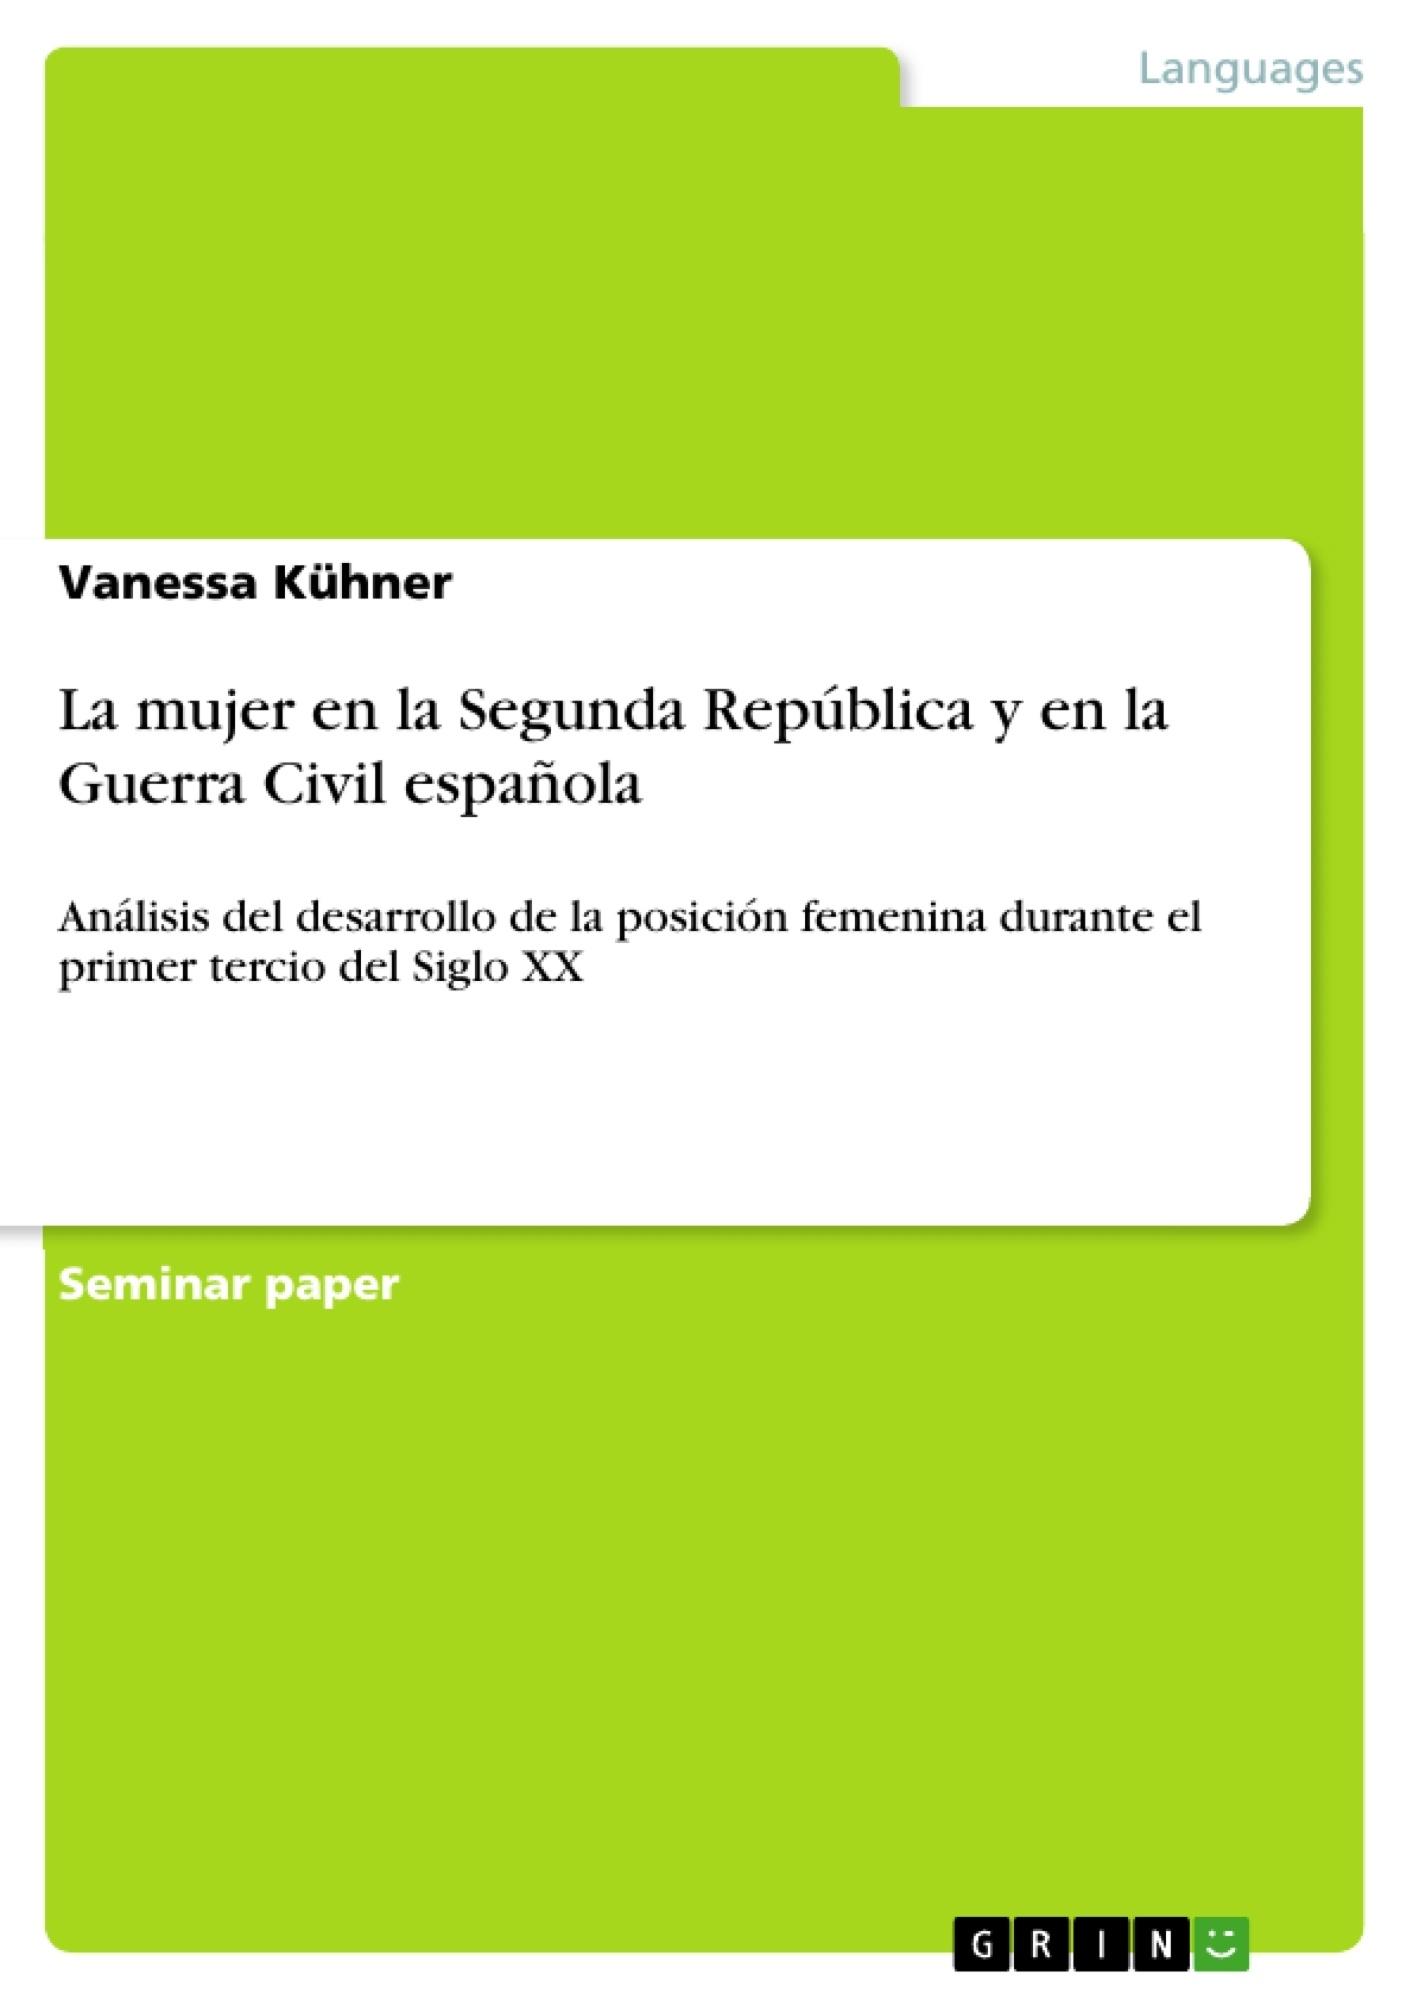 Título: La mujer en la Segunda República y en la Guerra Civil española